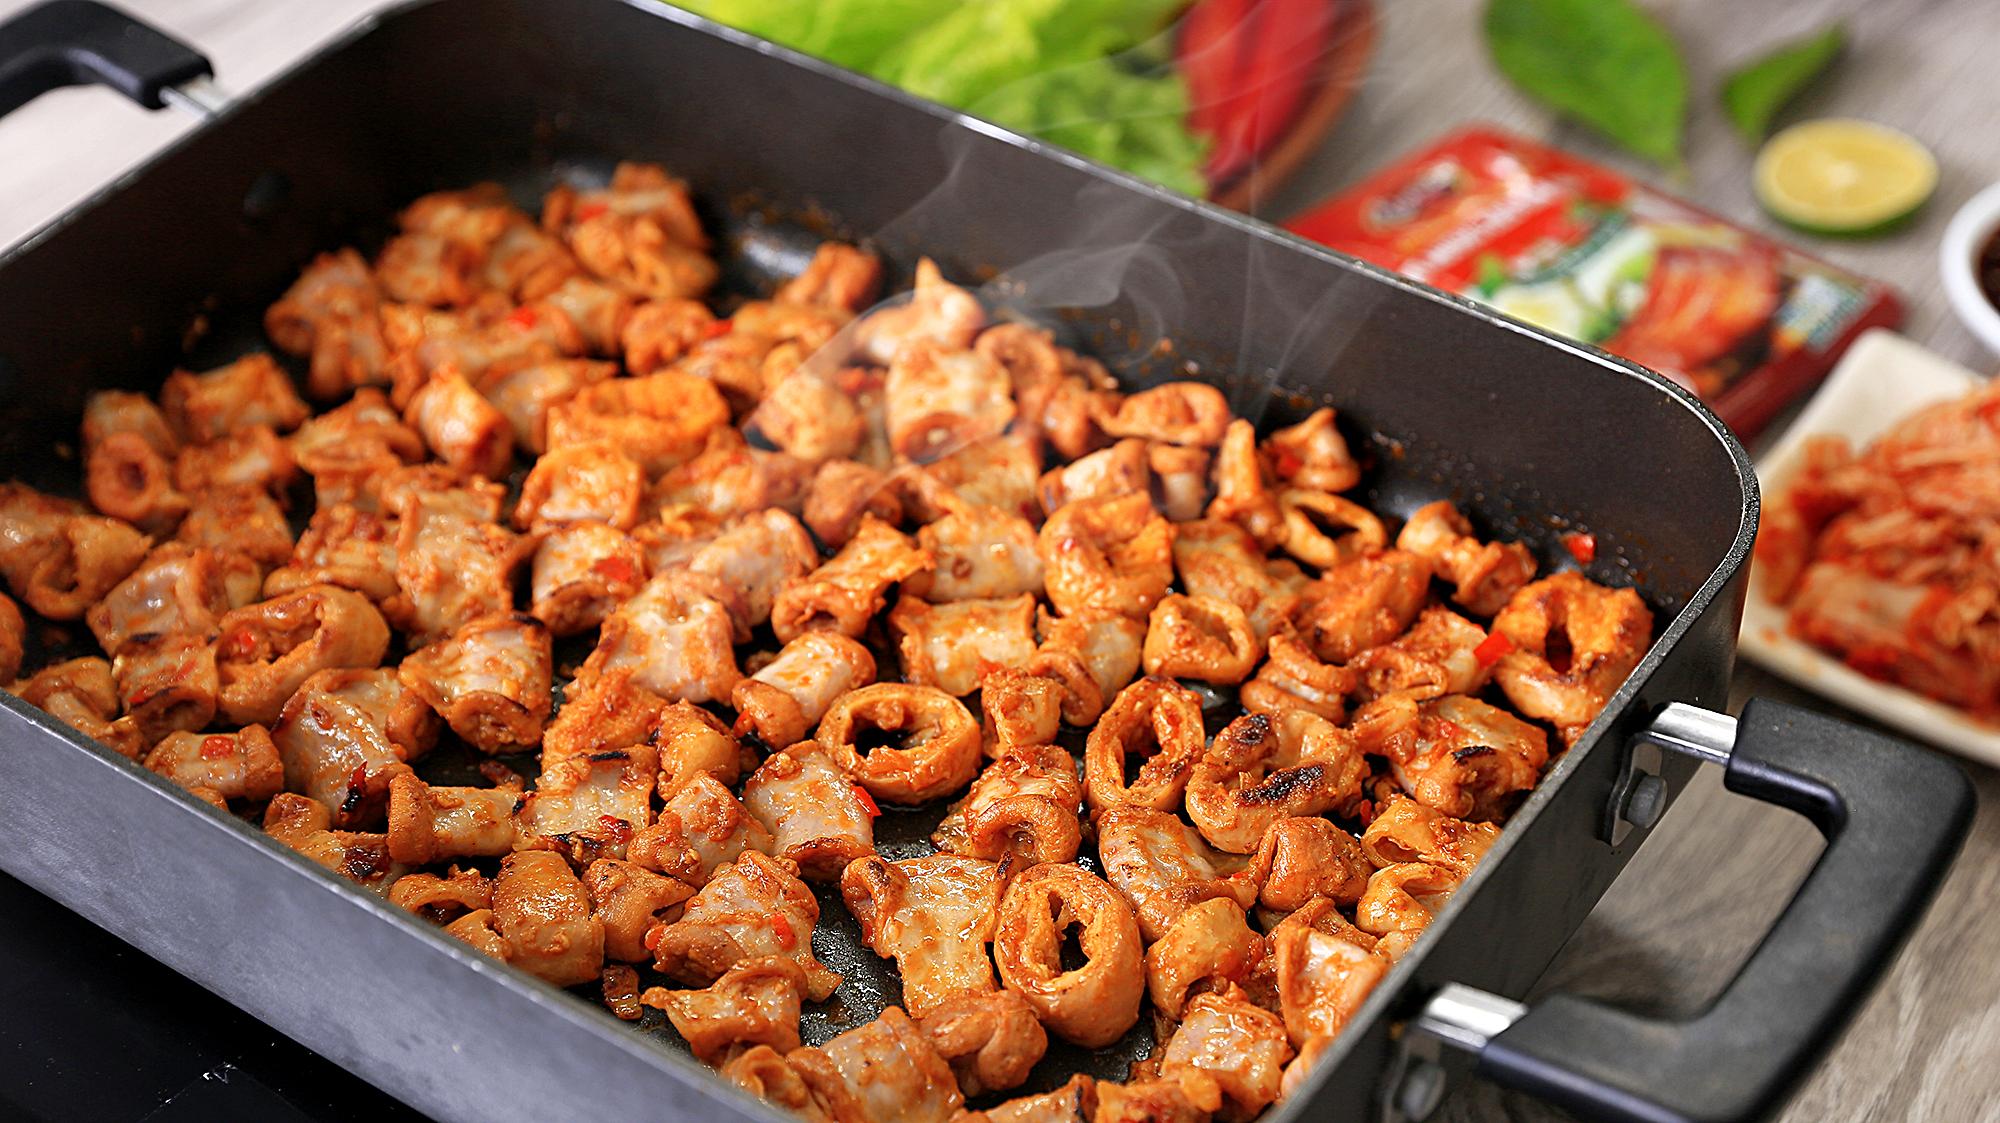 Xốt Gia Vị Hoàn Chỉnh Barona - Thịt Nướng Kiểu Hàn Quốc